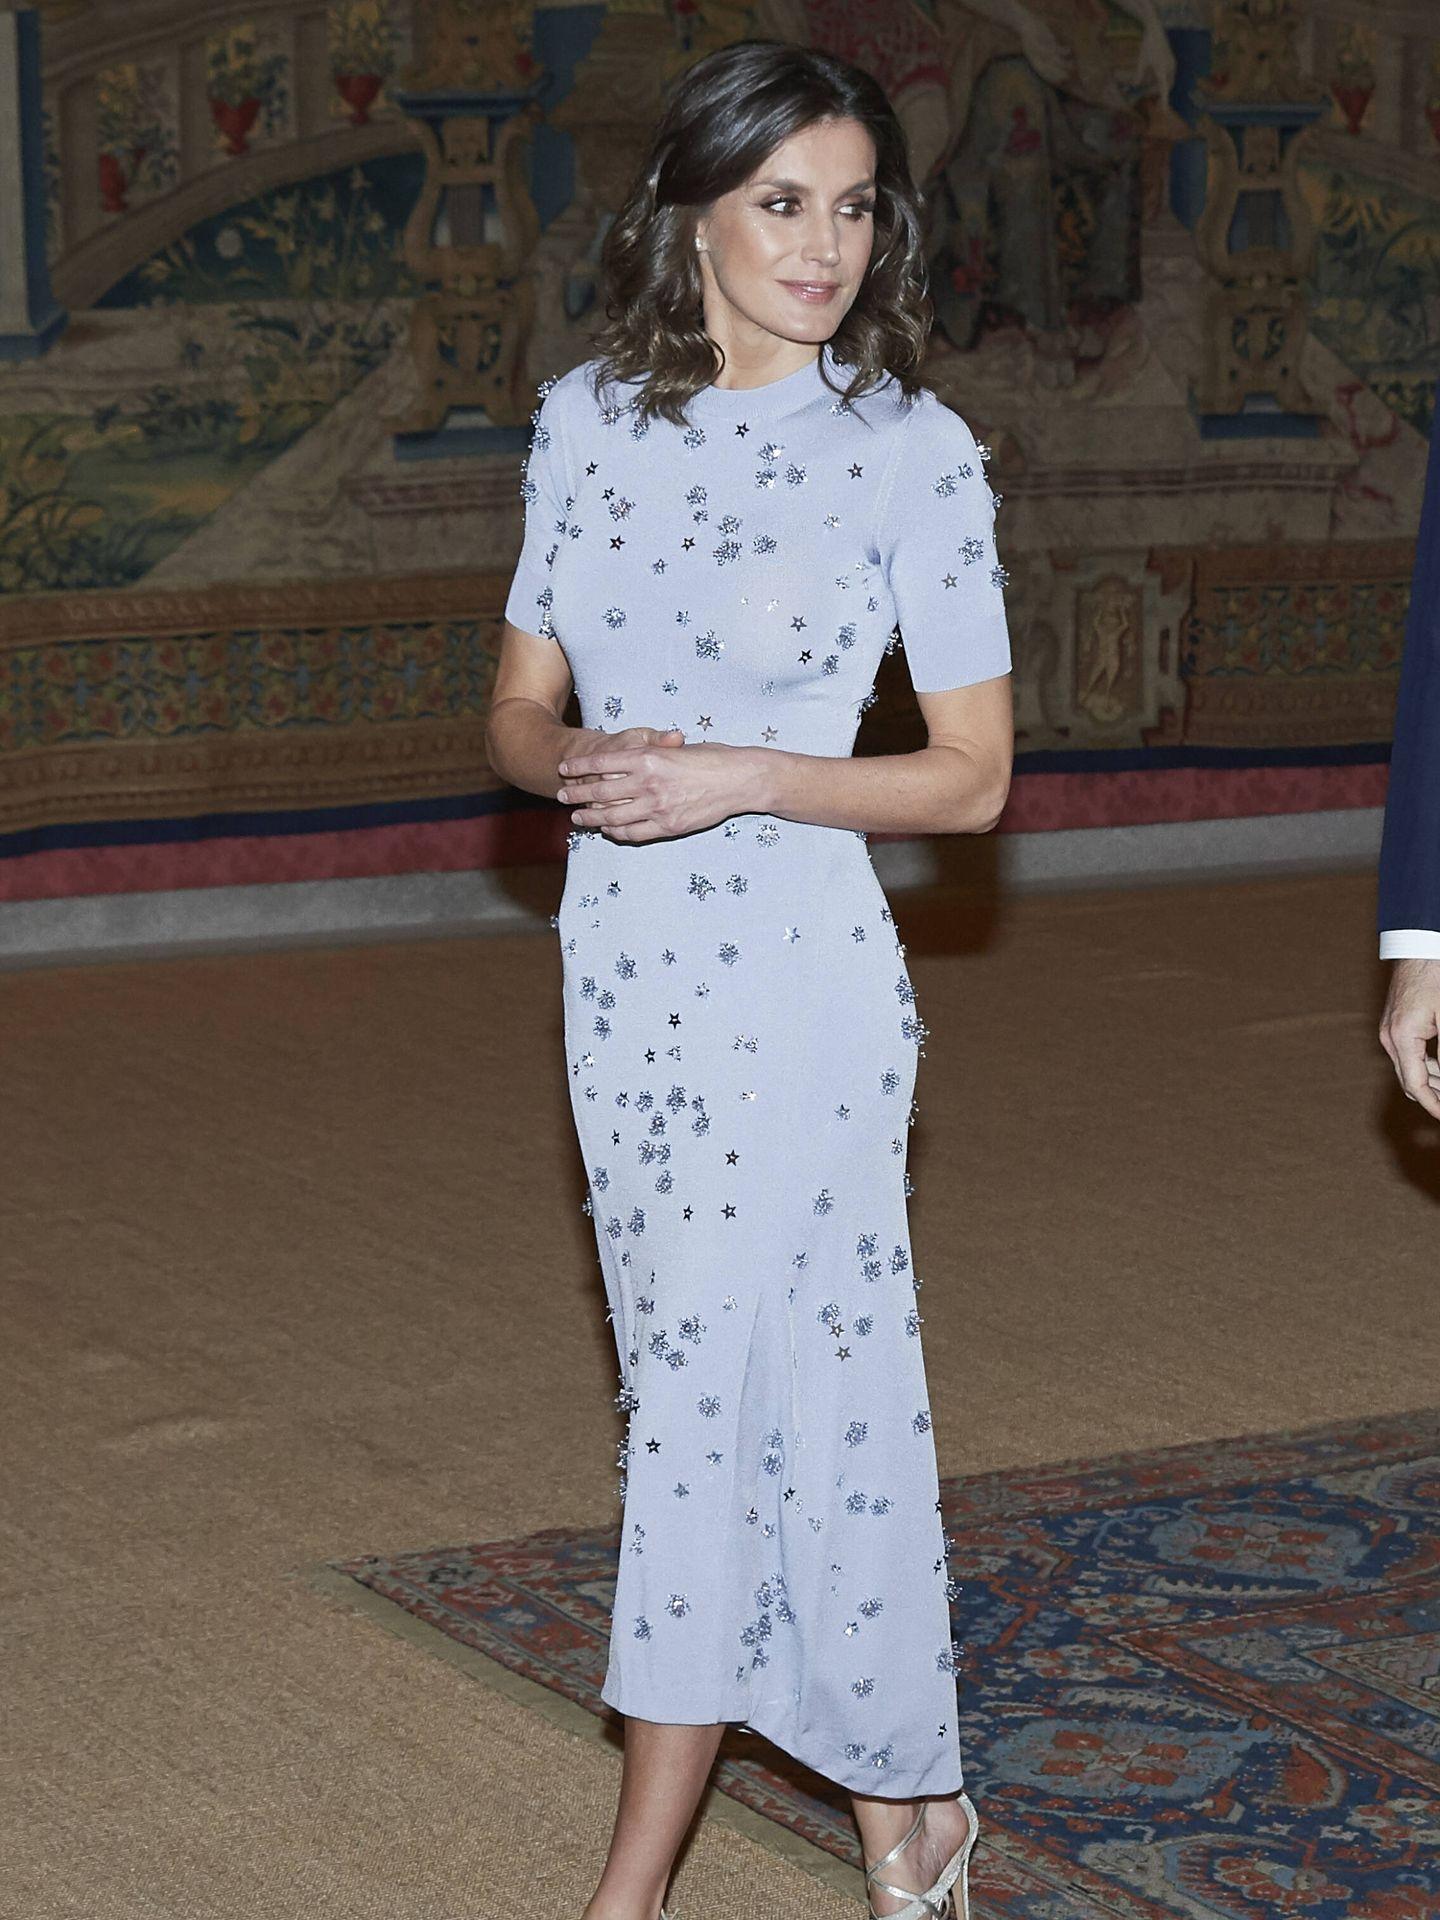 La reina Letizia con vestido de Nina Ricci con estampado de estrellas. (Getty)